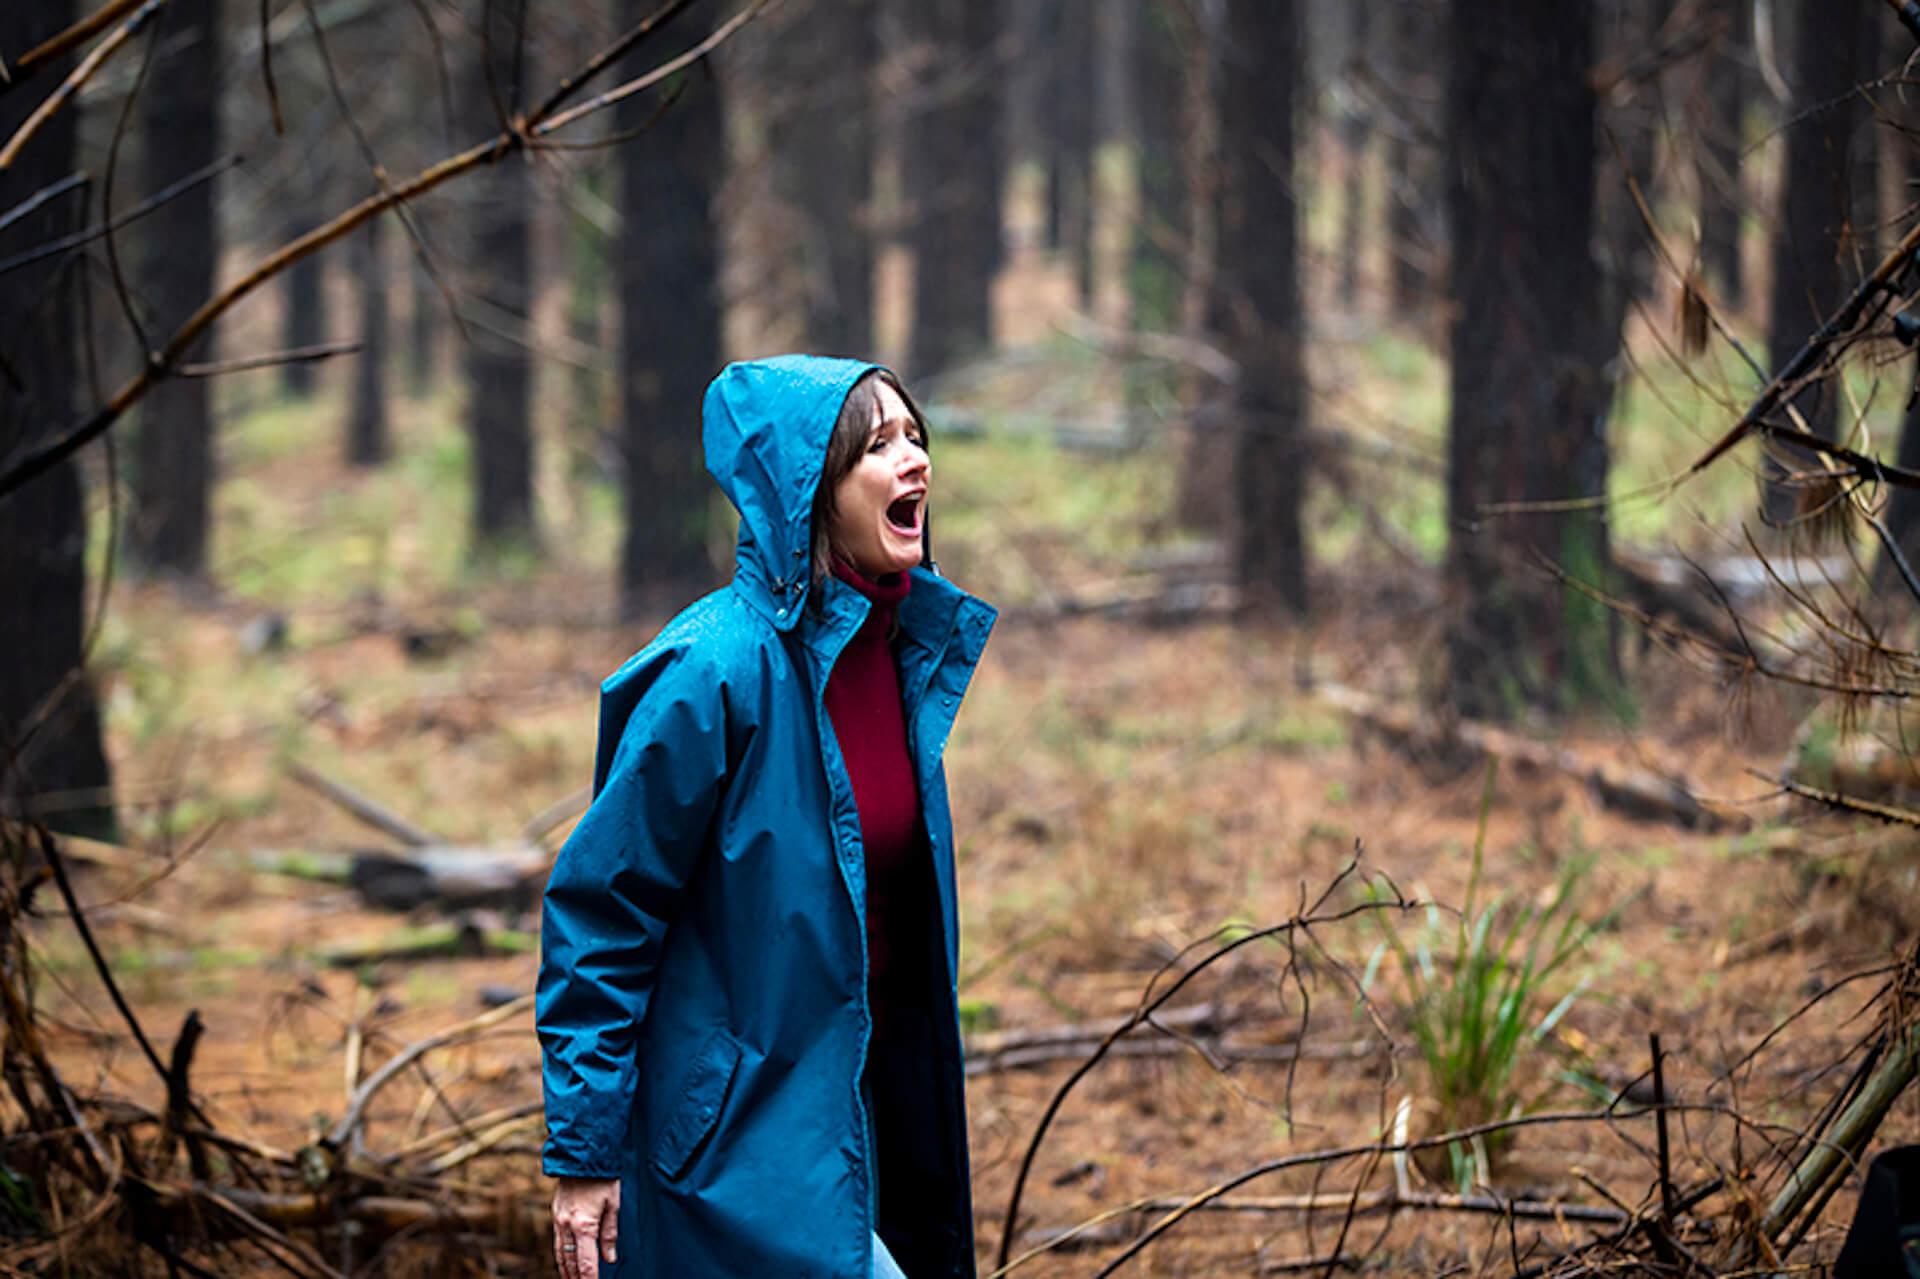 全米を恐怖の渦に巻き込んだ怪作が幕を開ける!『レリック -遺物-』の日本版予告編と場面写真が解禁 film210624_therelic_4